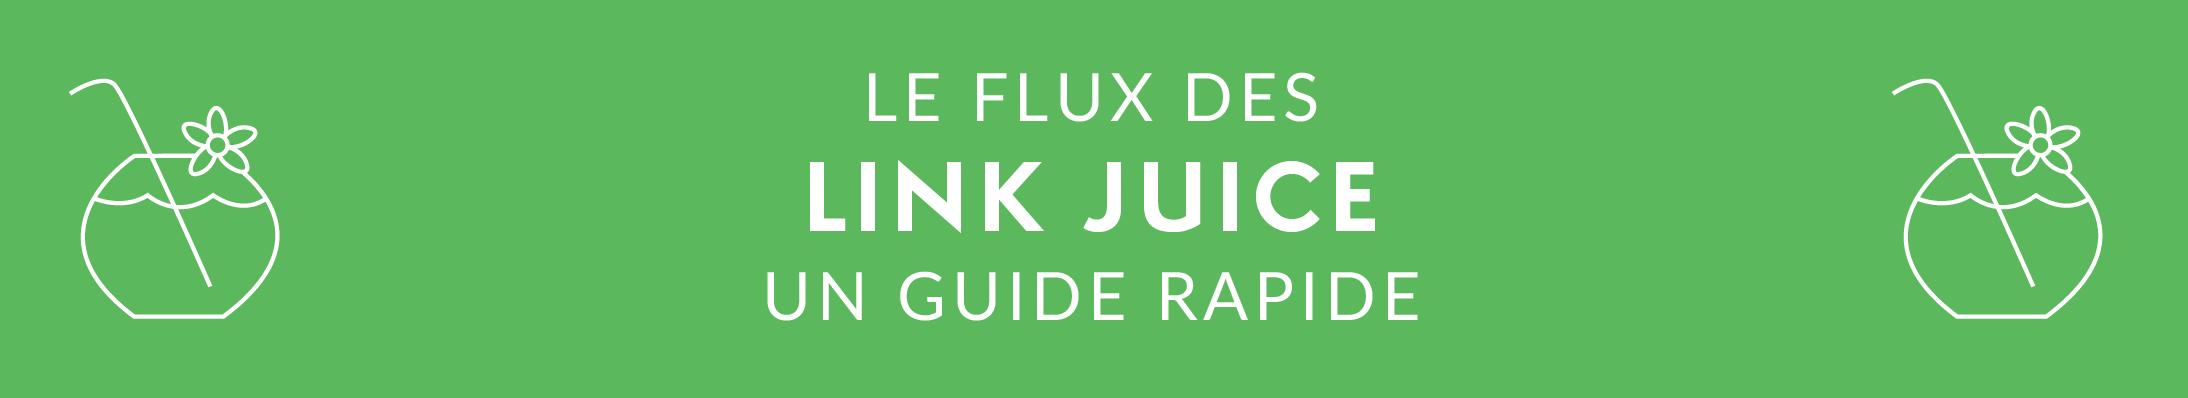 FR - SEO GUIDE - Link Juice